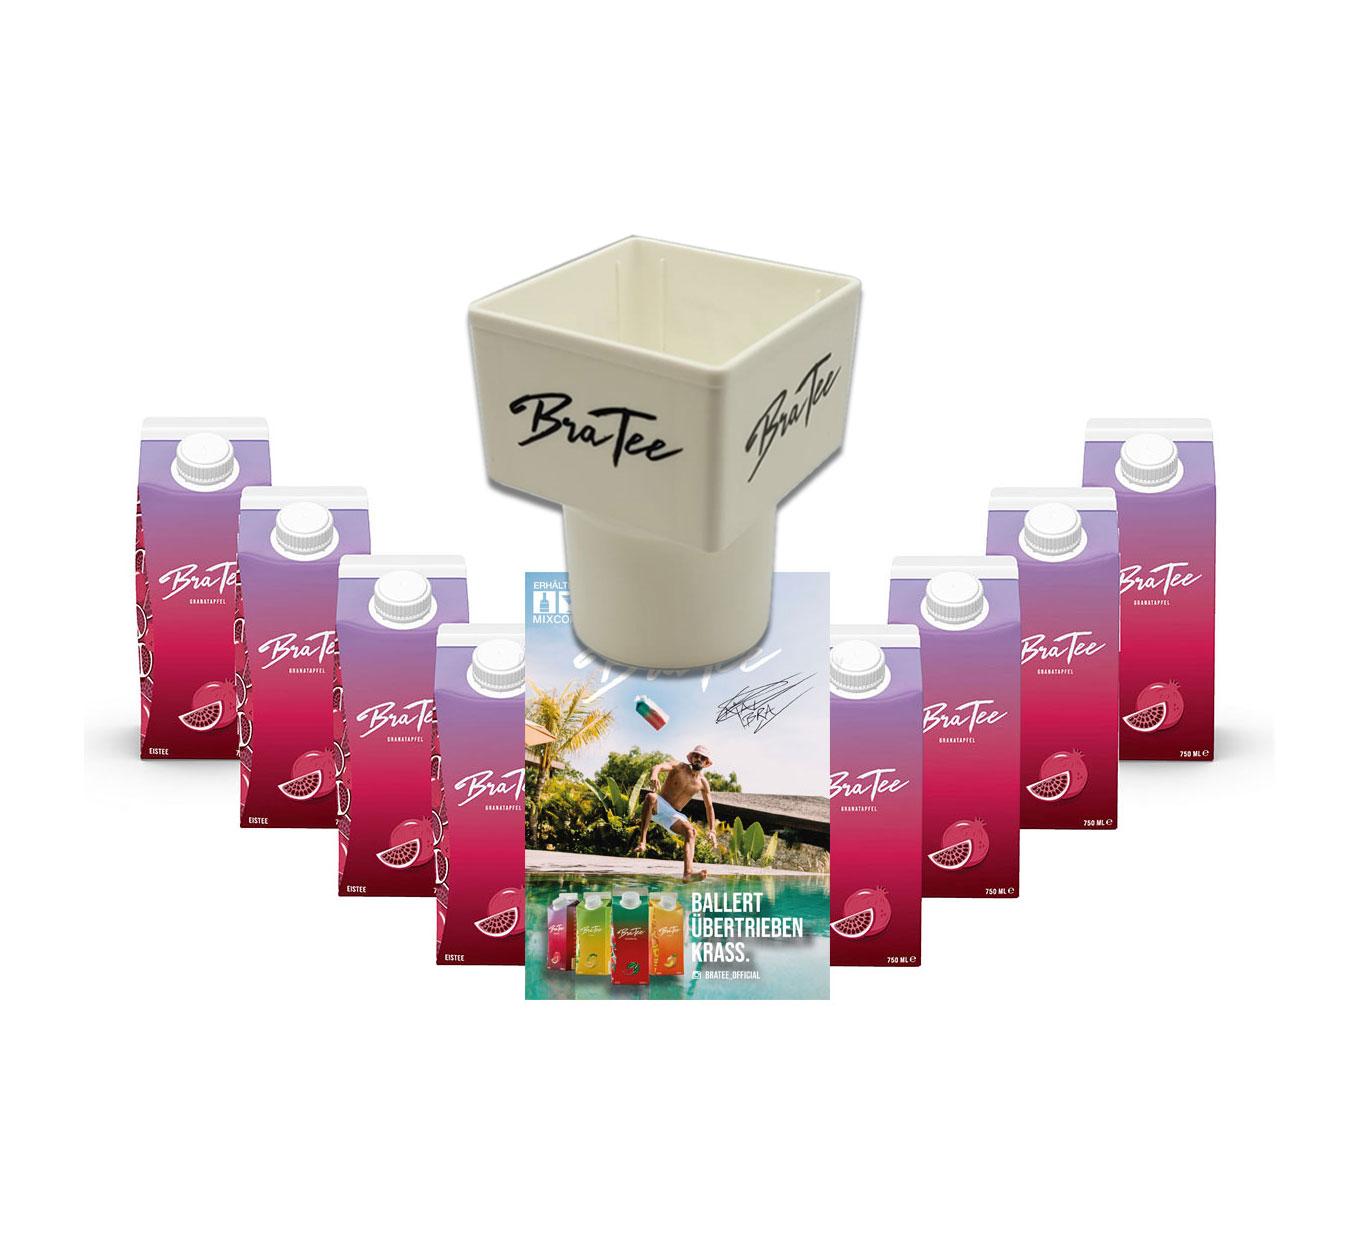 Capital BraTee 8er Set Eistee Granatapfel Pomegranate 750ml+ Gratis Getränkehalter + Autogrammkarte Ice tea - BRATEE mit Granatapfelgeschmack - Schmeckt wie es klingt - einfach Granate